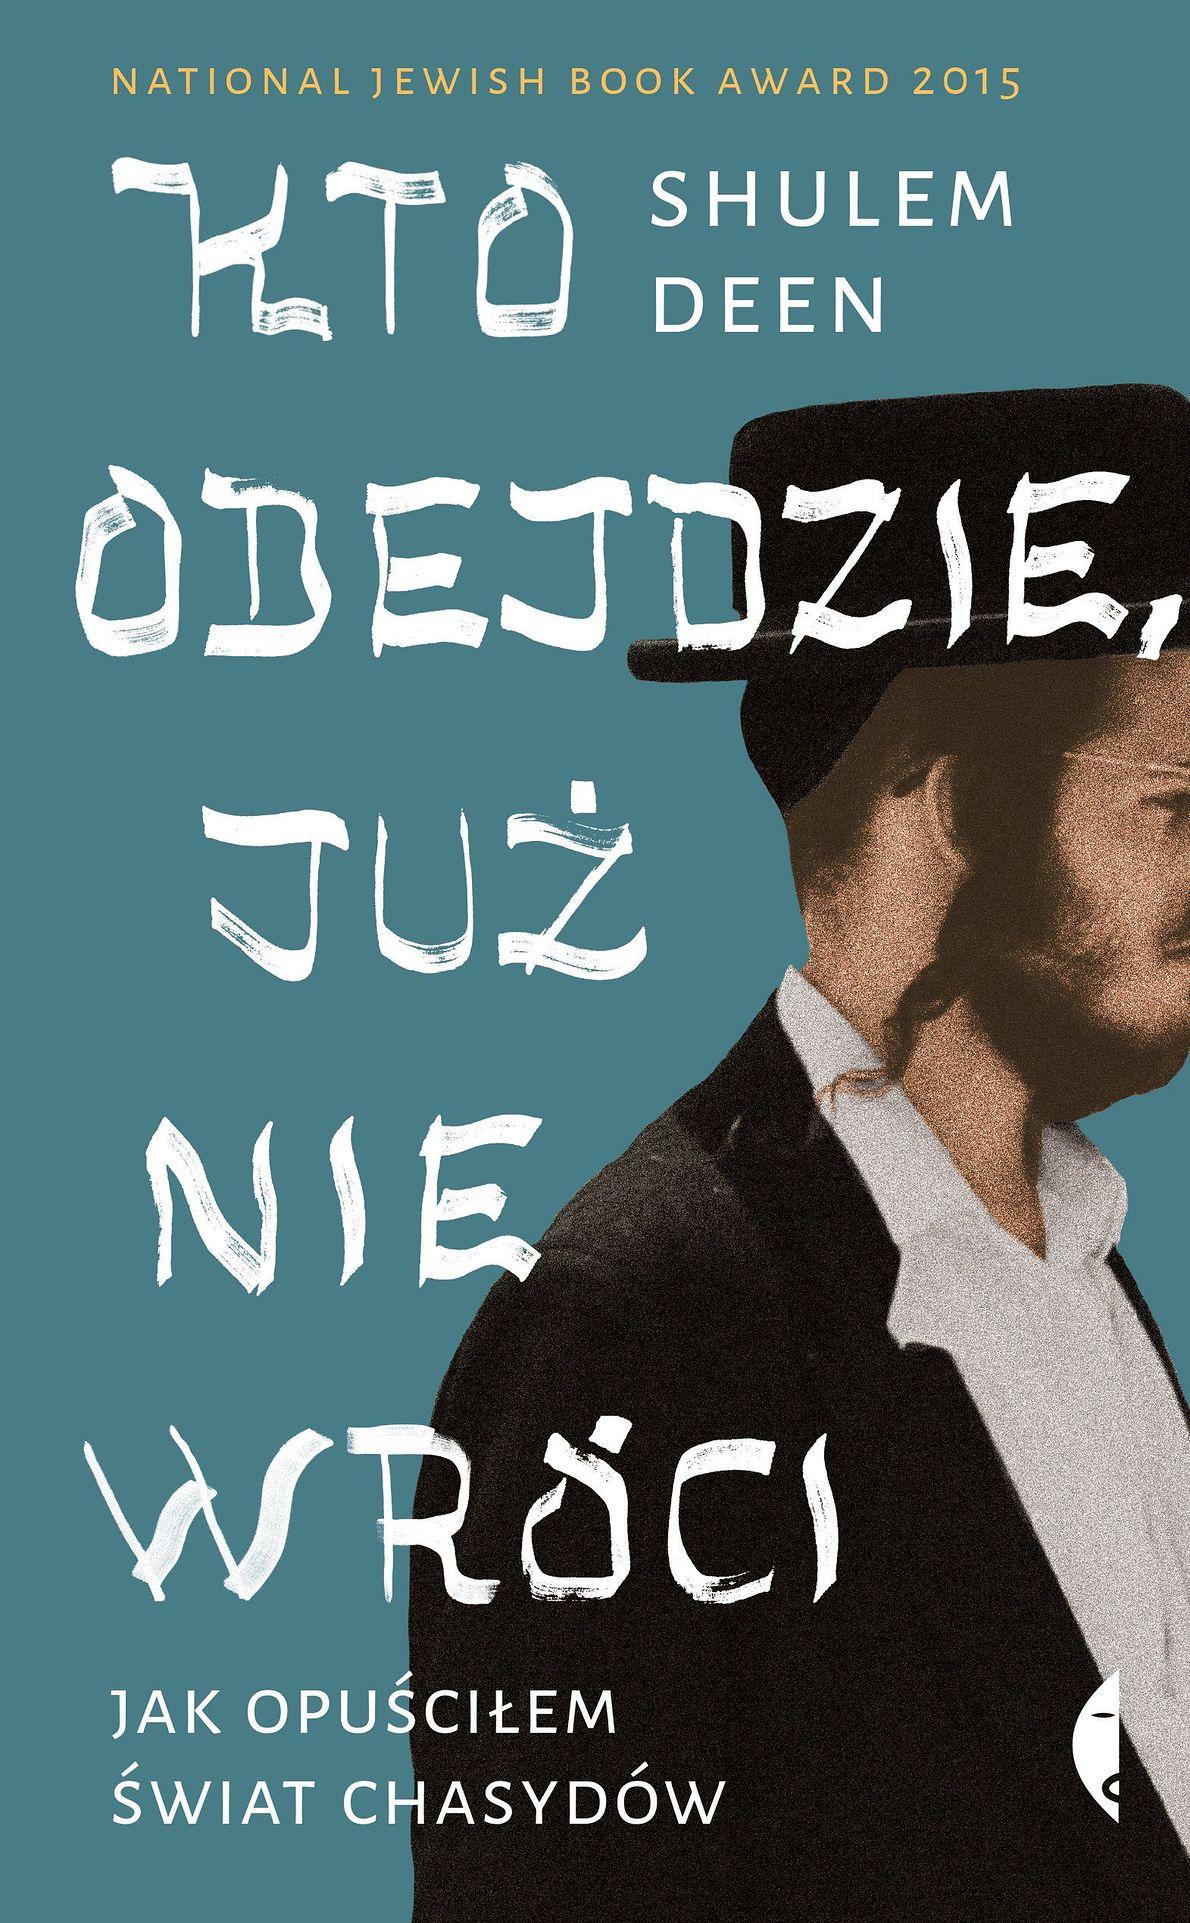 Polskie wydanie książki Shulema Deena